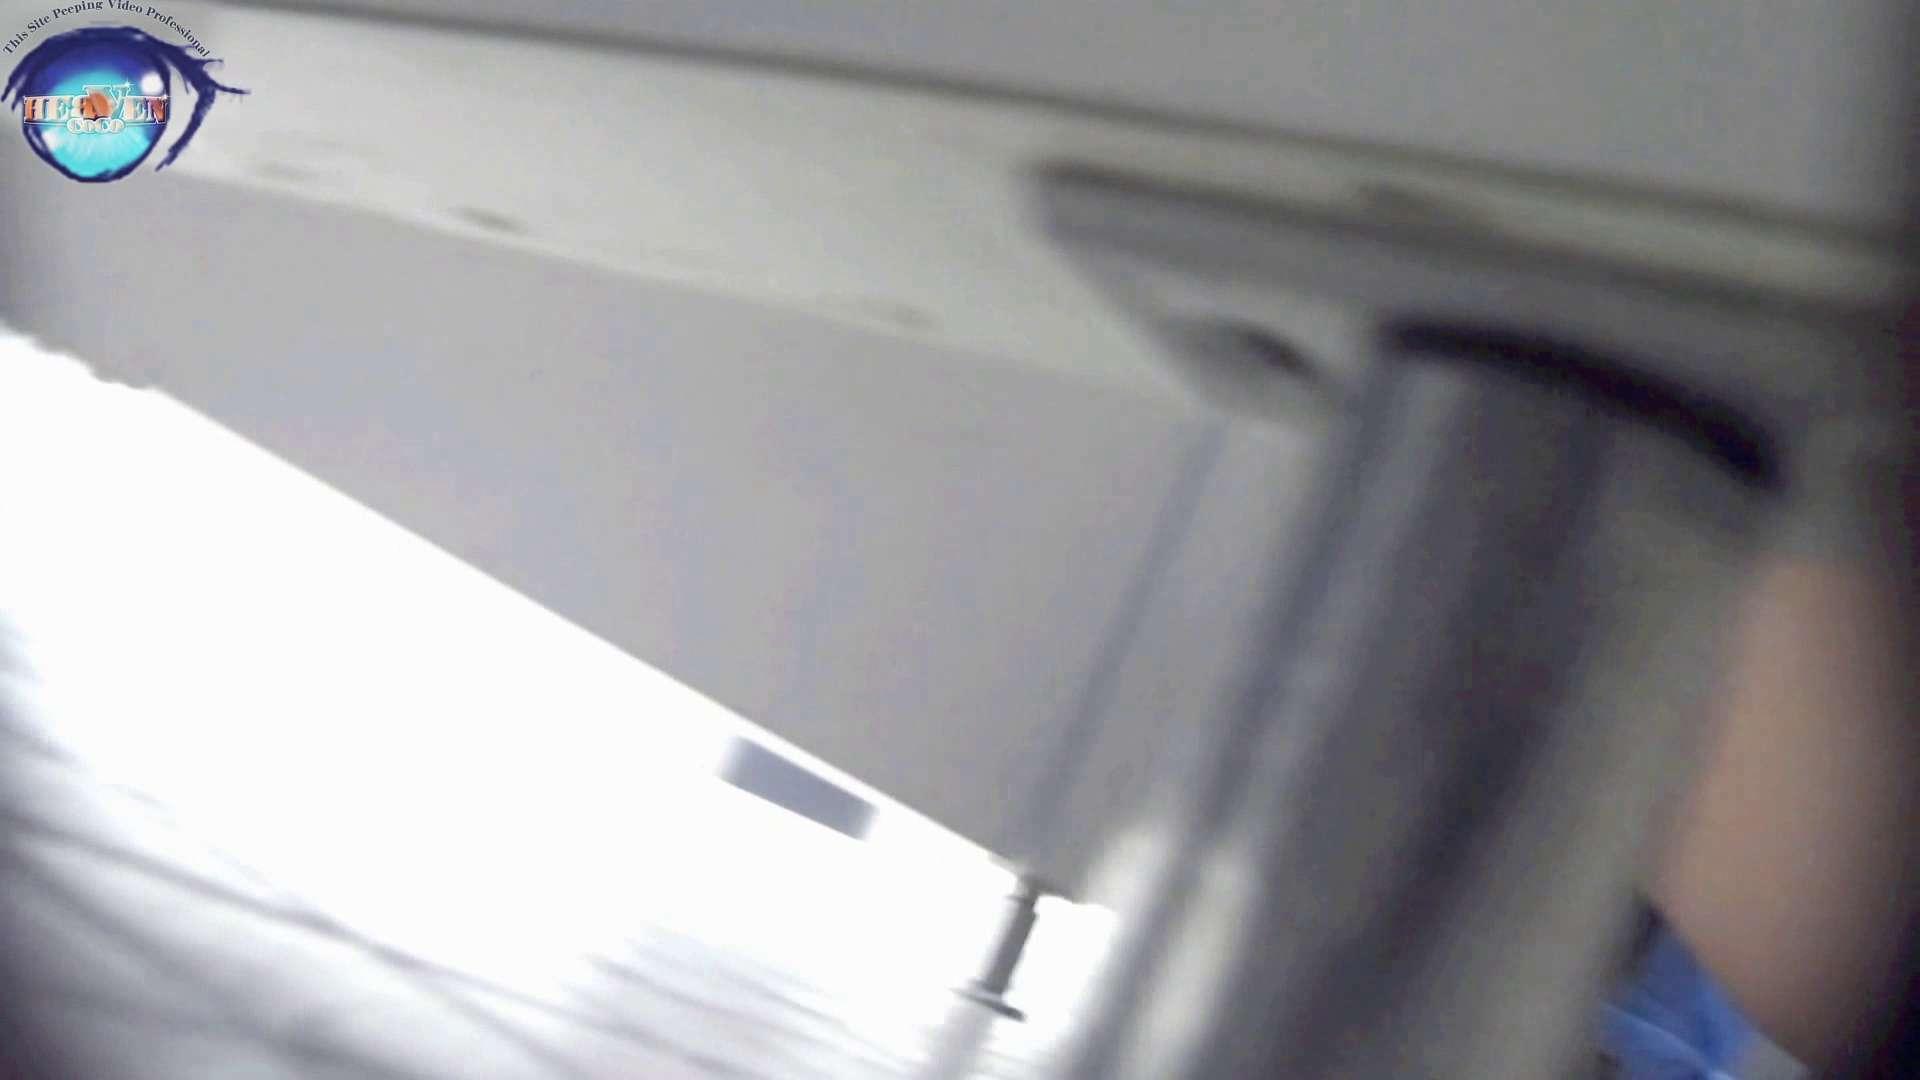 お銀さんの「洗面所突入レポート!!」 vol.65 美女を撮るためにみんなの前に割り込む!!後編 洗面所編 | 美女まとめ  91PIX 23